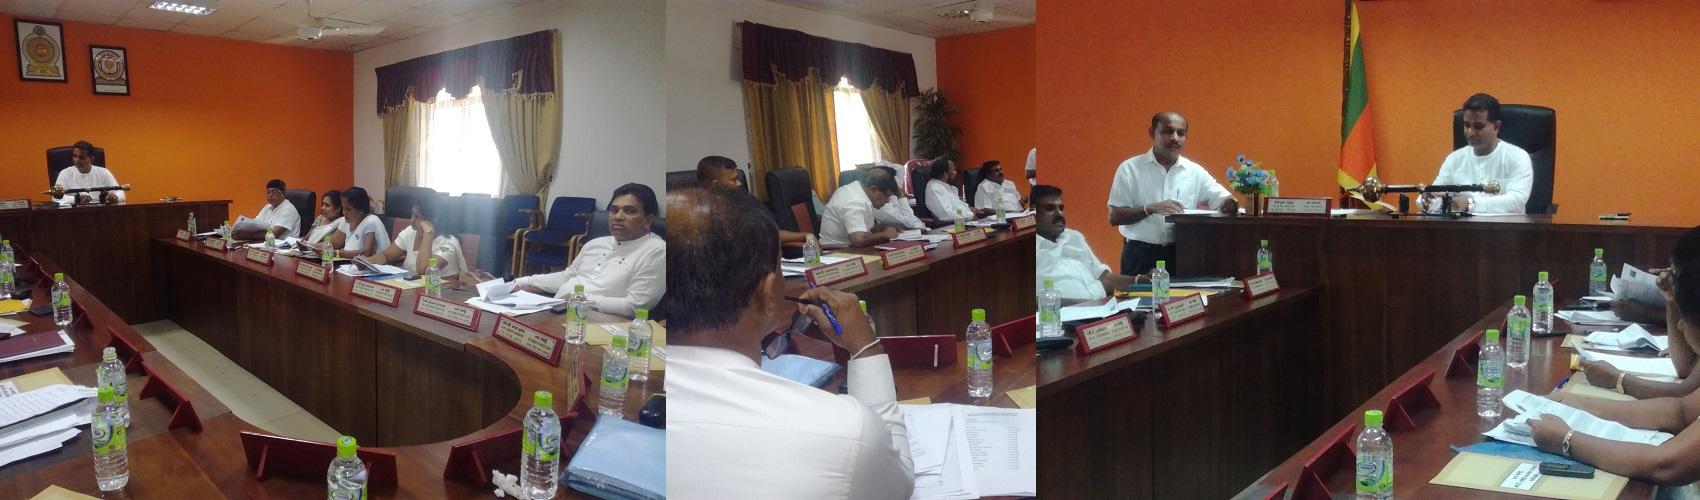 bibile-pradeshiya-sabha-slideshow-image-1.jpg